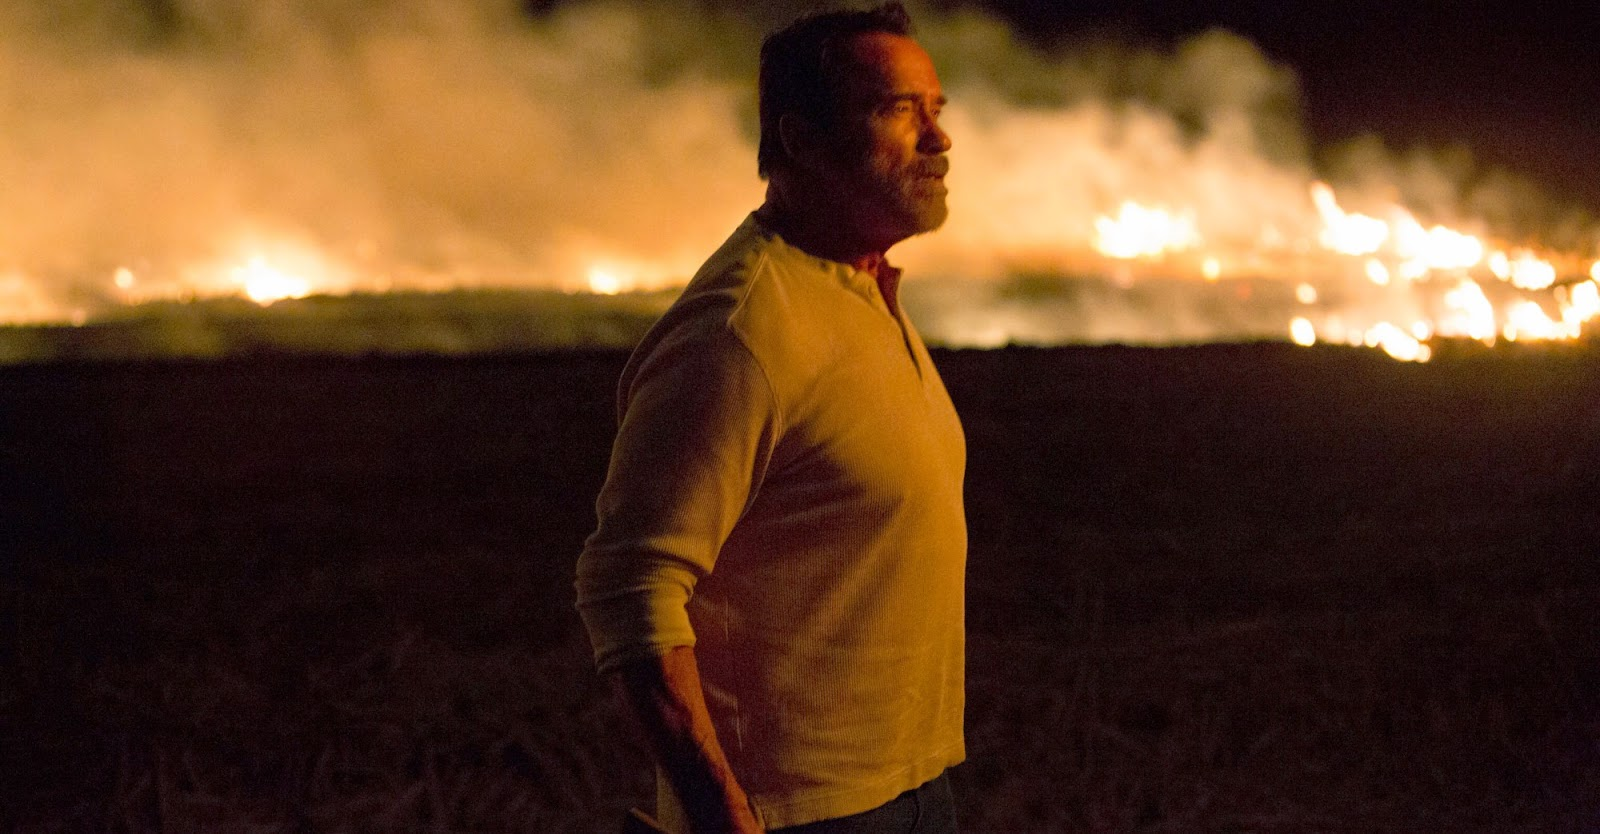 Maggie | Assista ao primeiro clipe e veja o pôster inédito do suspense apocaliptico com Schwarzenegger